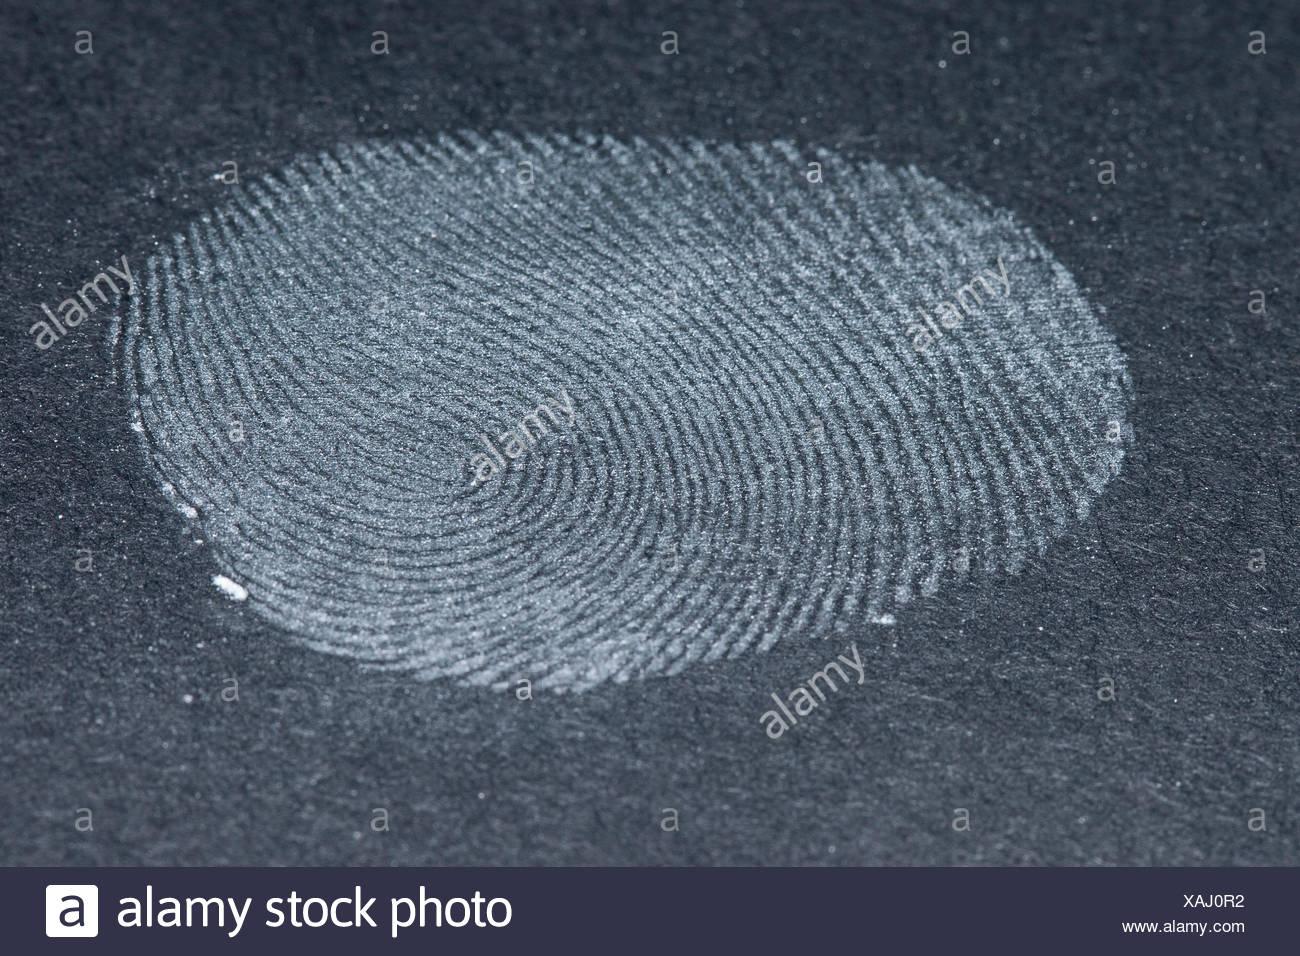 taking fingerprints. Step 5: fixed fingerprint - Stock Image